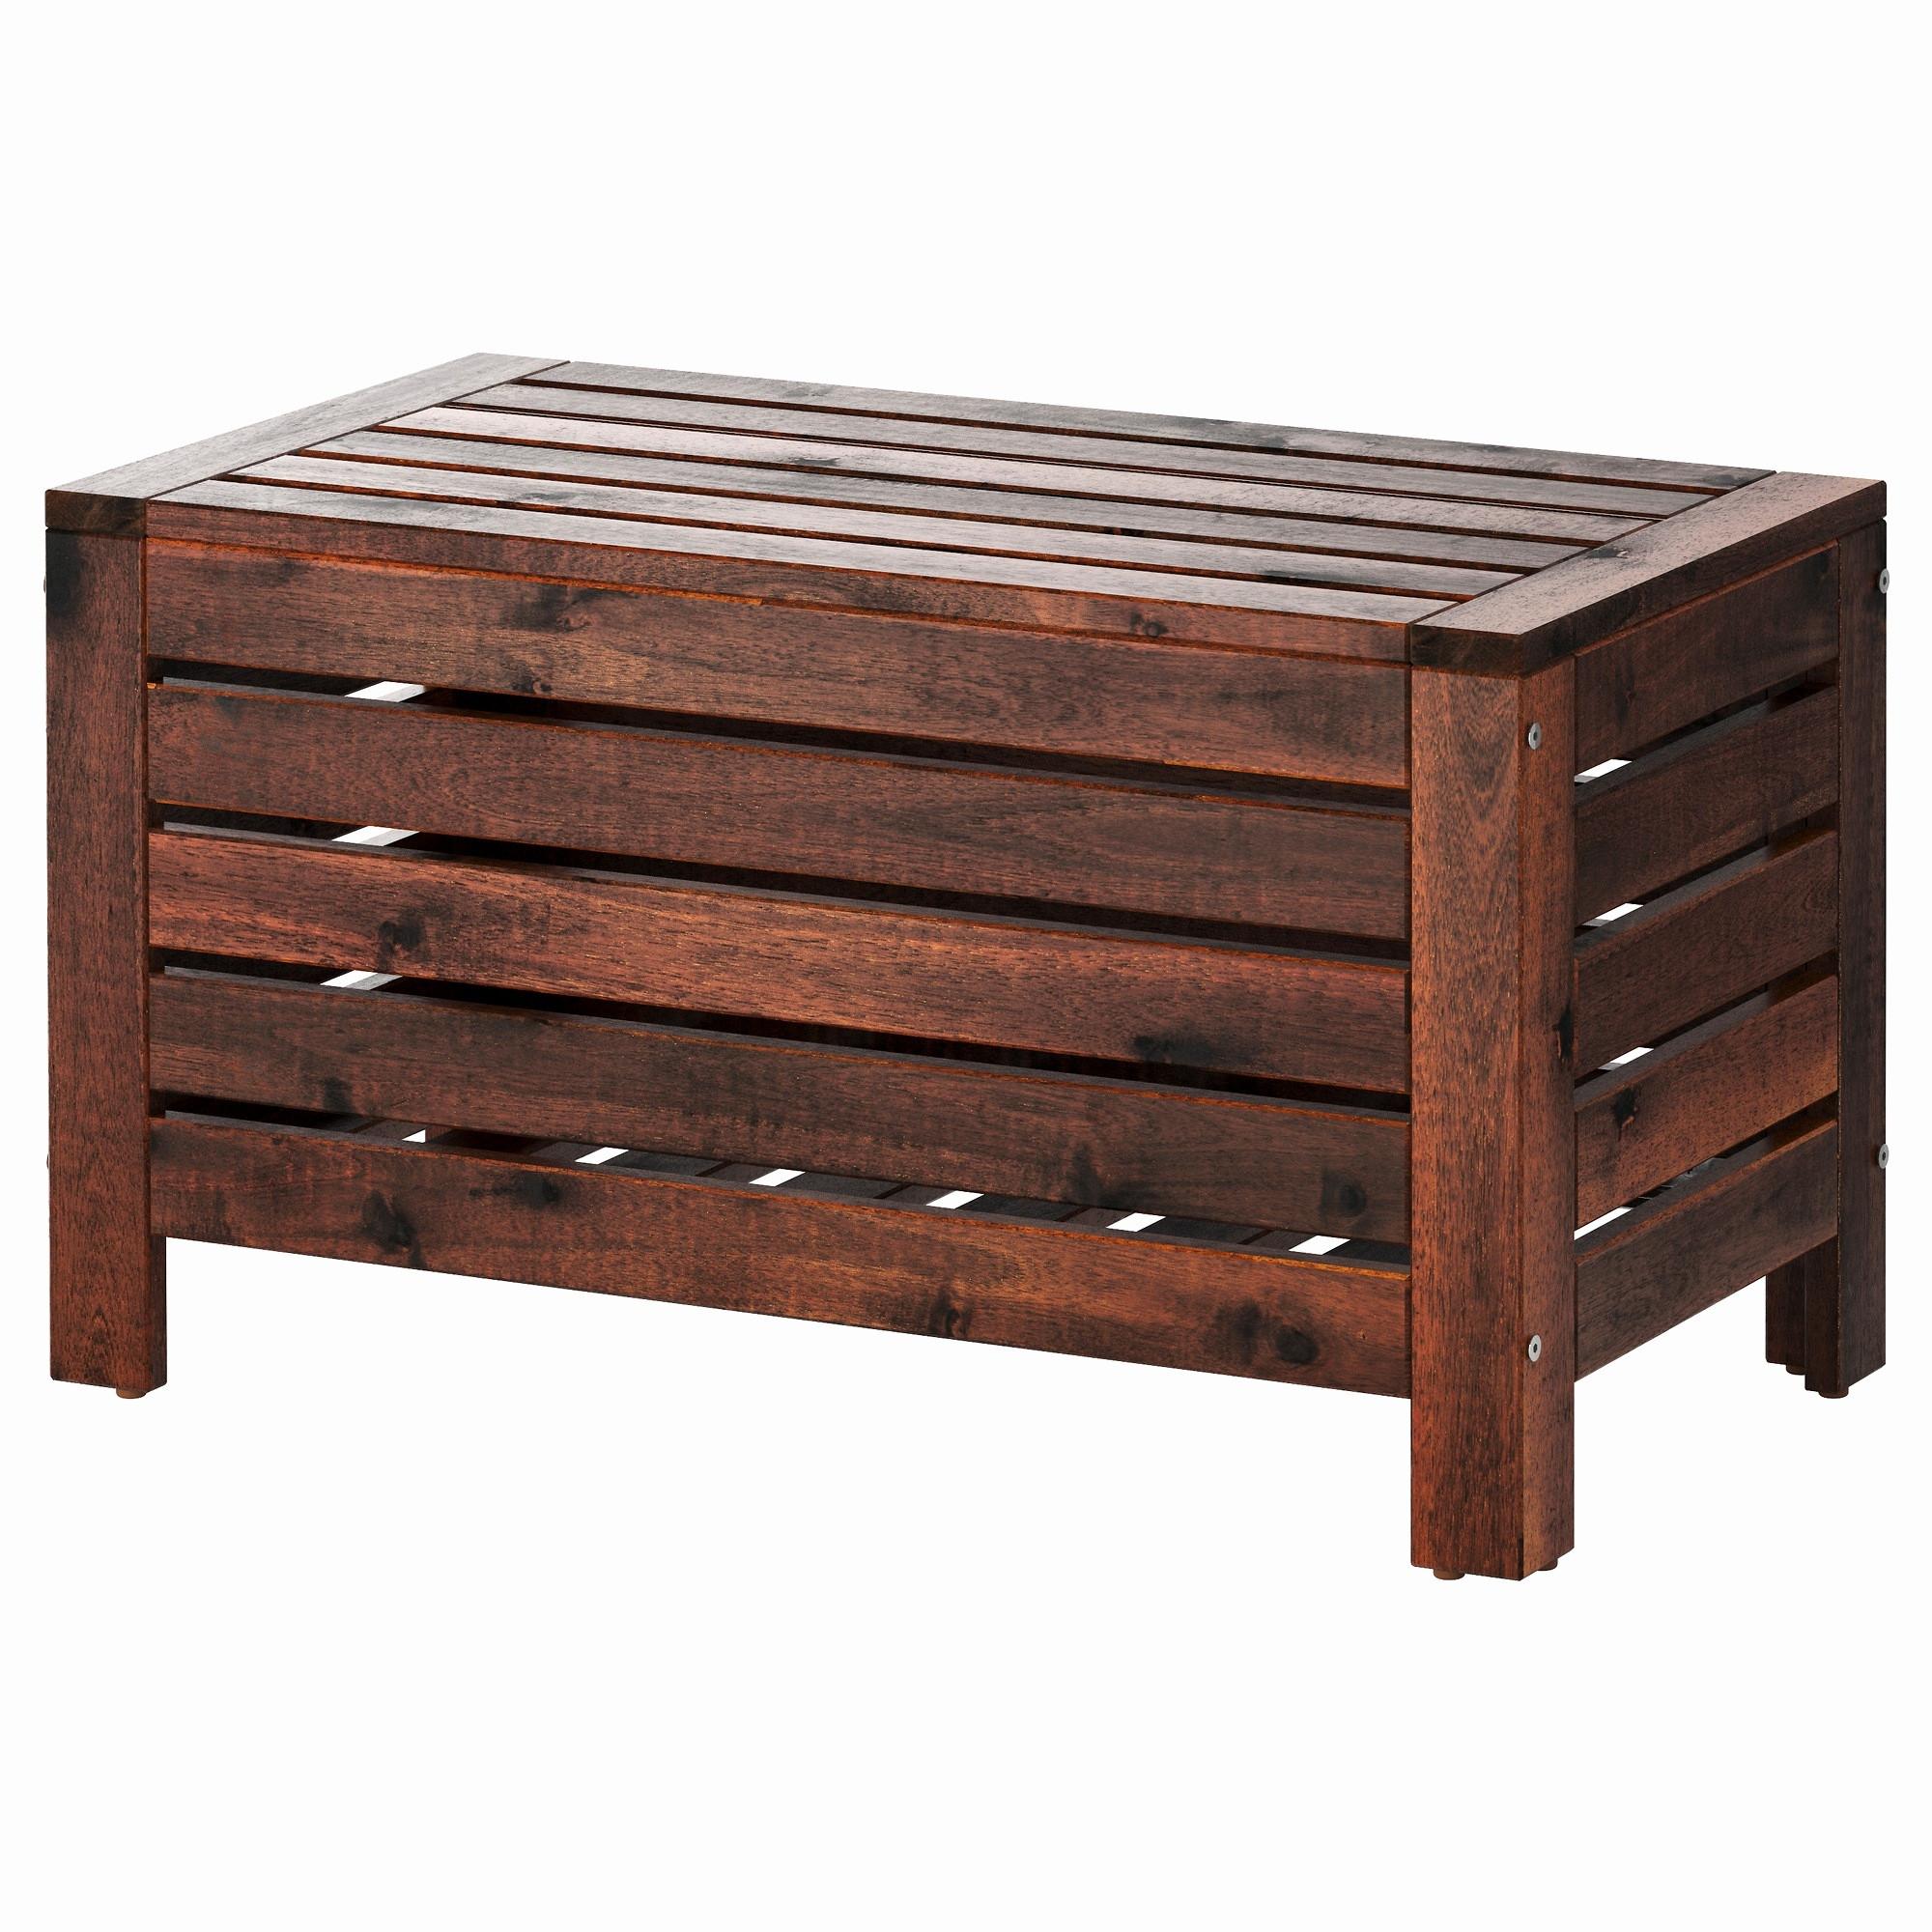 Coffre A Jouet En Bois Ikea Frais Photographie Coffre De Jardin Ikea Avec Beau Chaise Coloree 0d